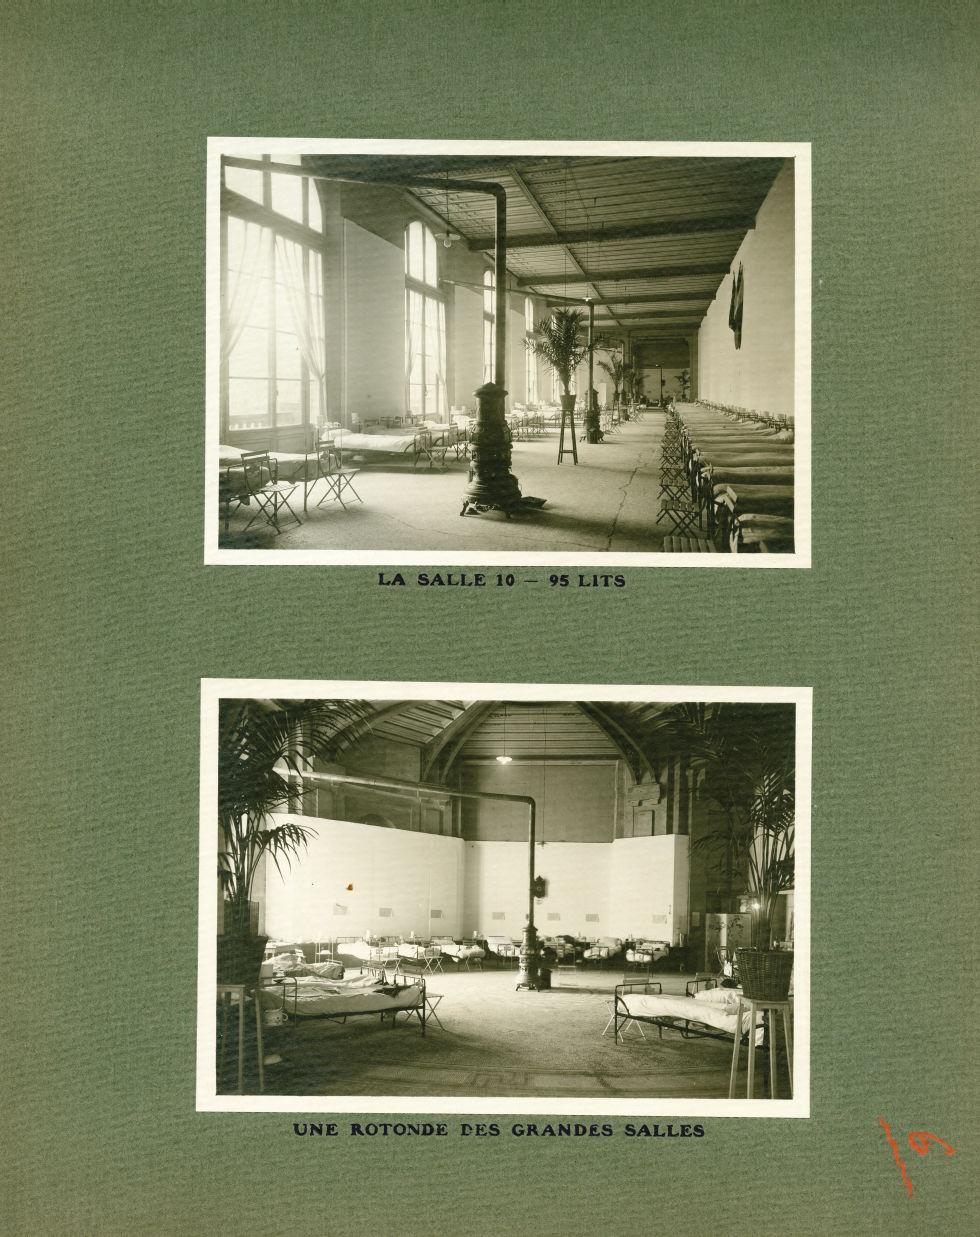 [Le Grand Palais pendant la guerre] La salle 10 - 95 lits / Une rotonde des grandes salles - Le Gran [...] -  - med02077x0030